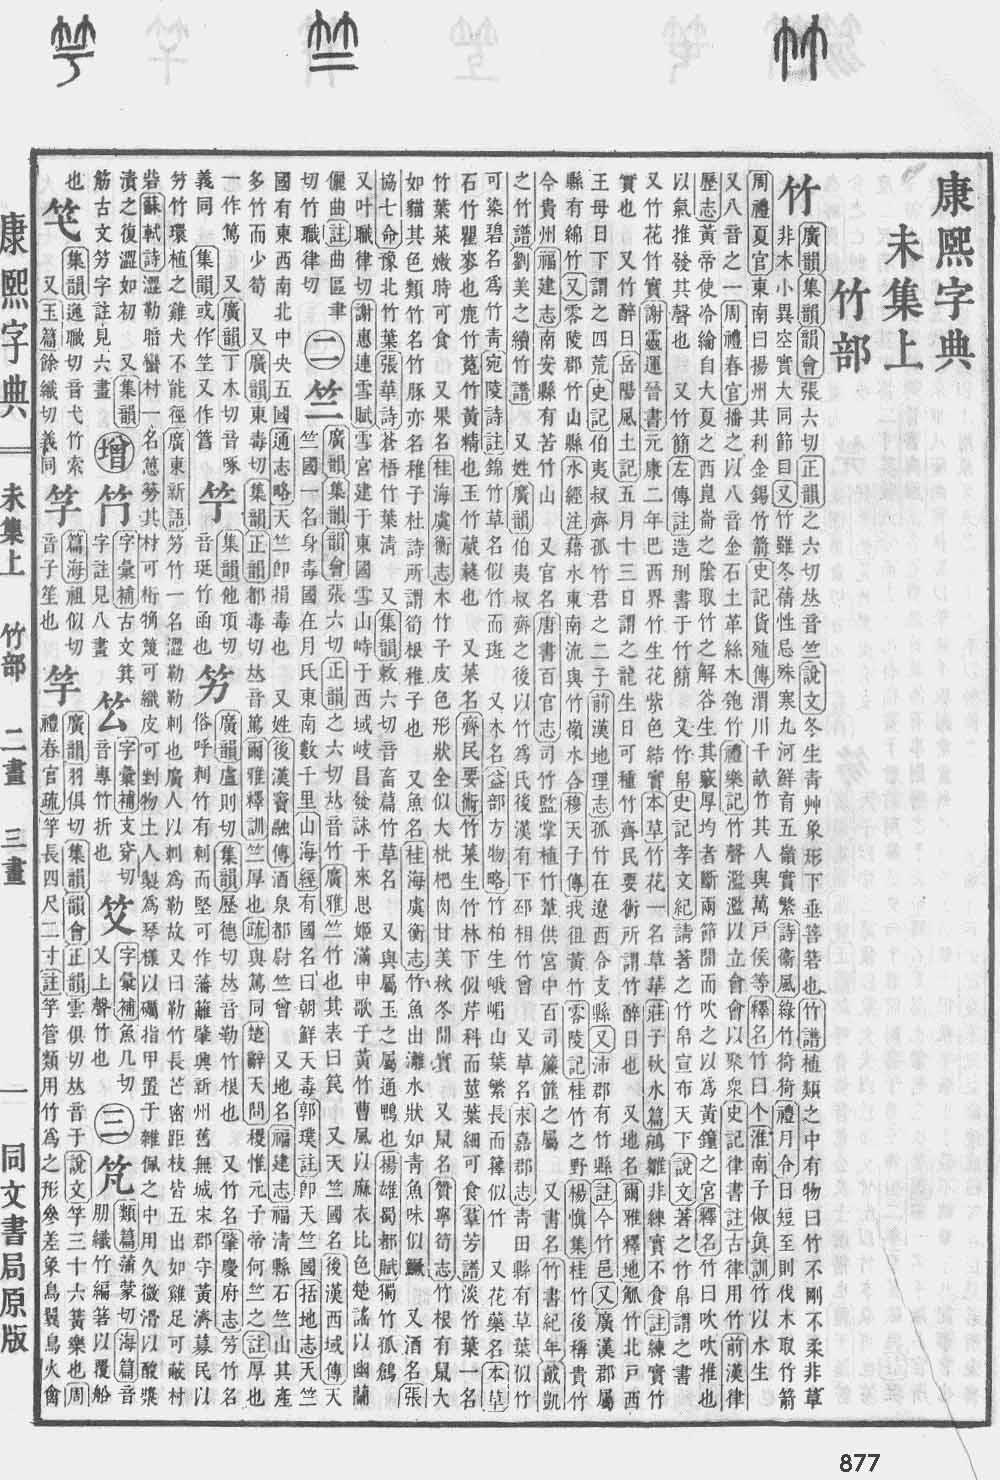 《康熙字典》第877页